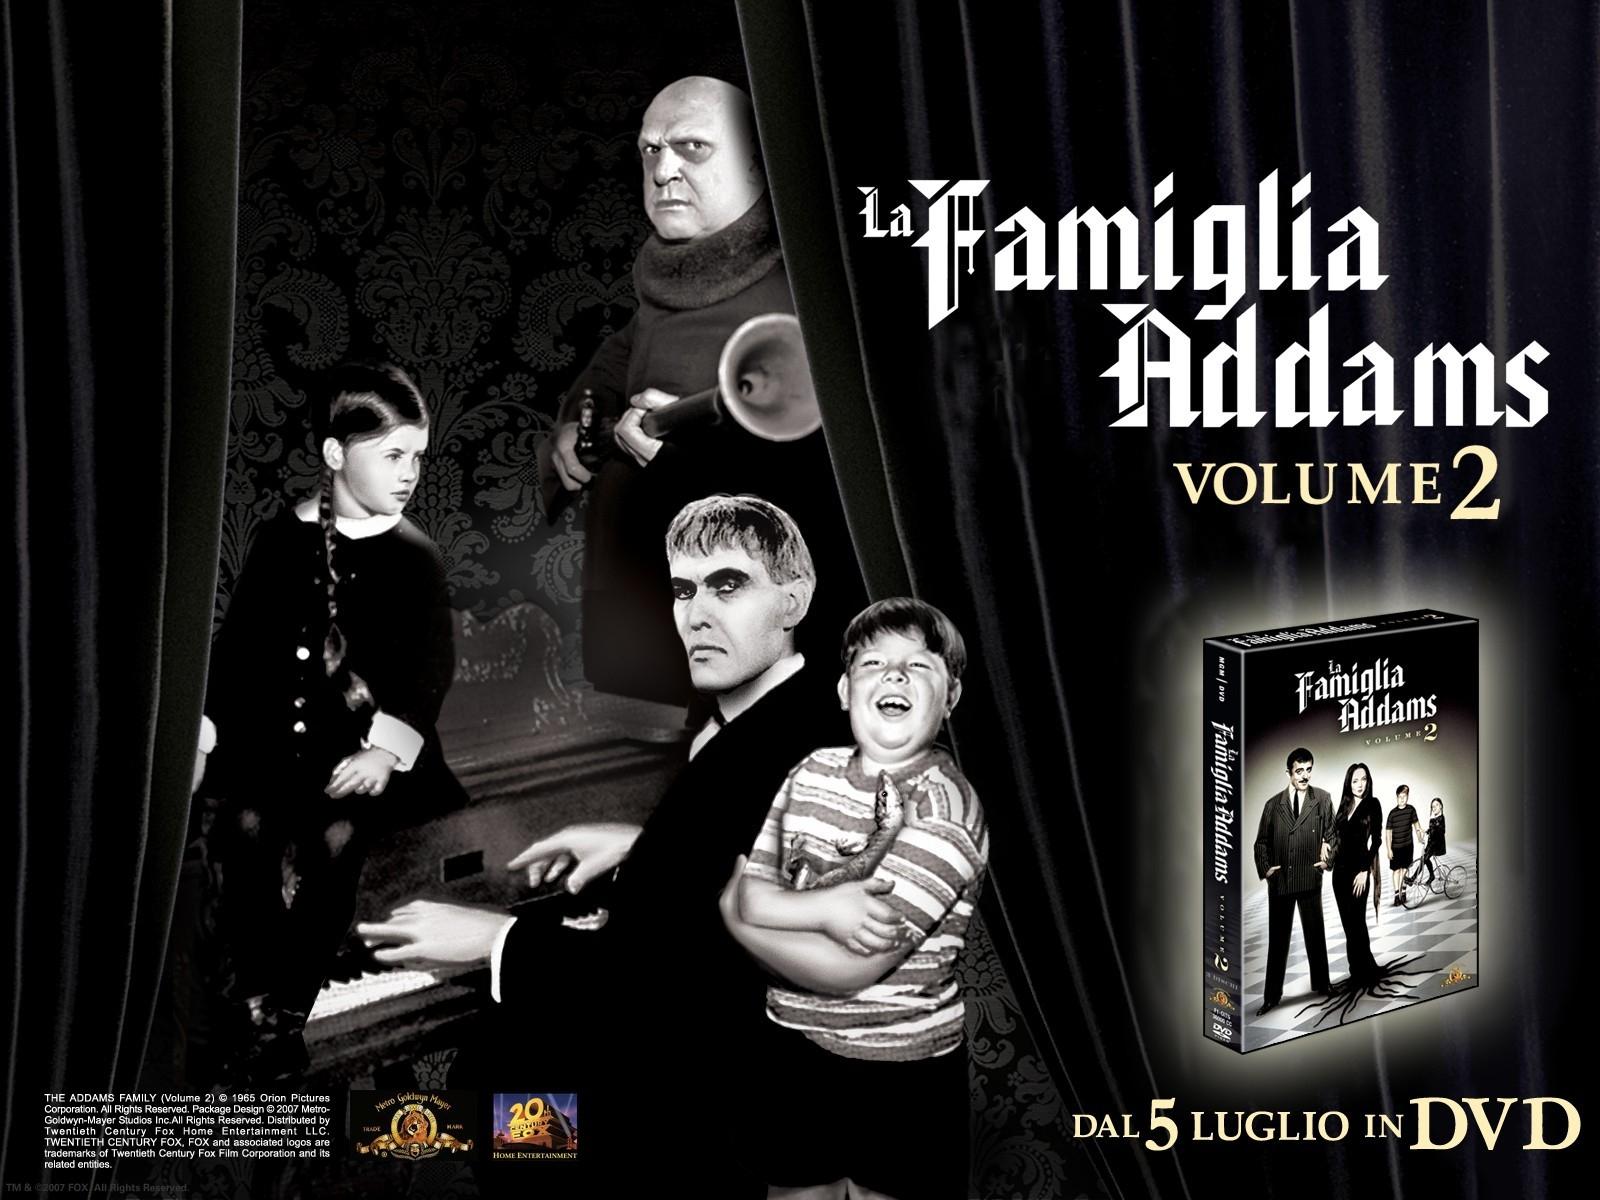 Wallpaper della serie La famiglia Addams